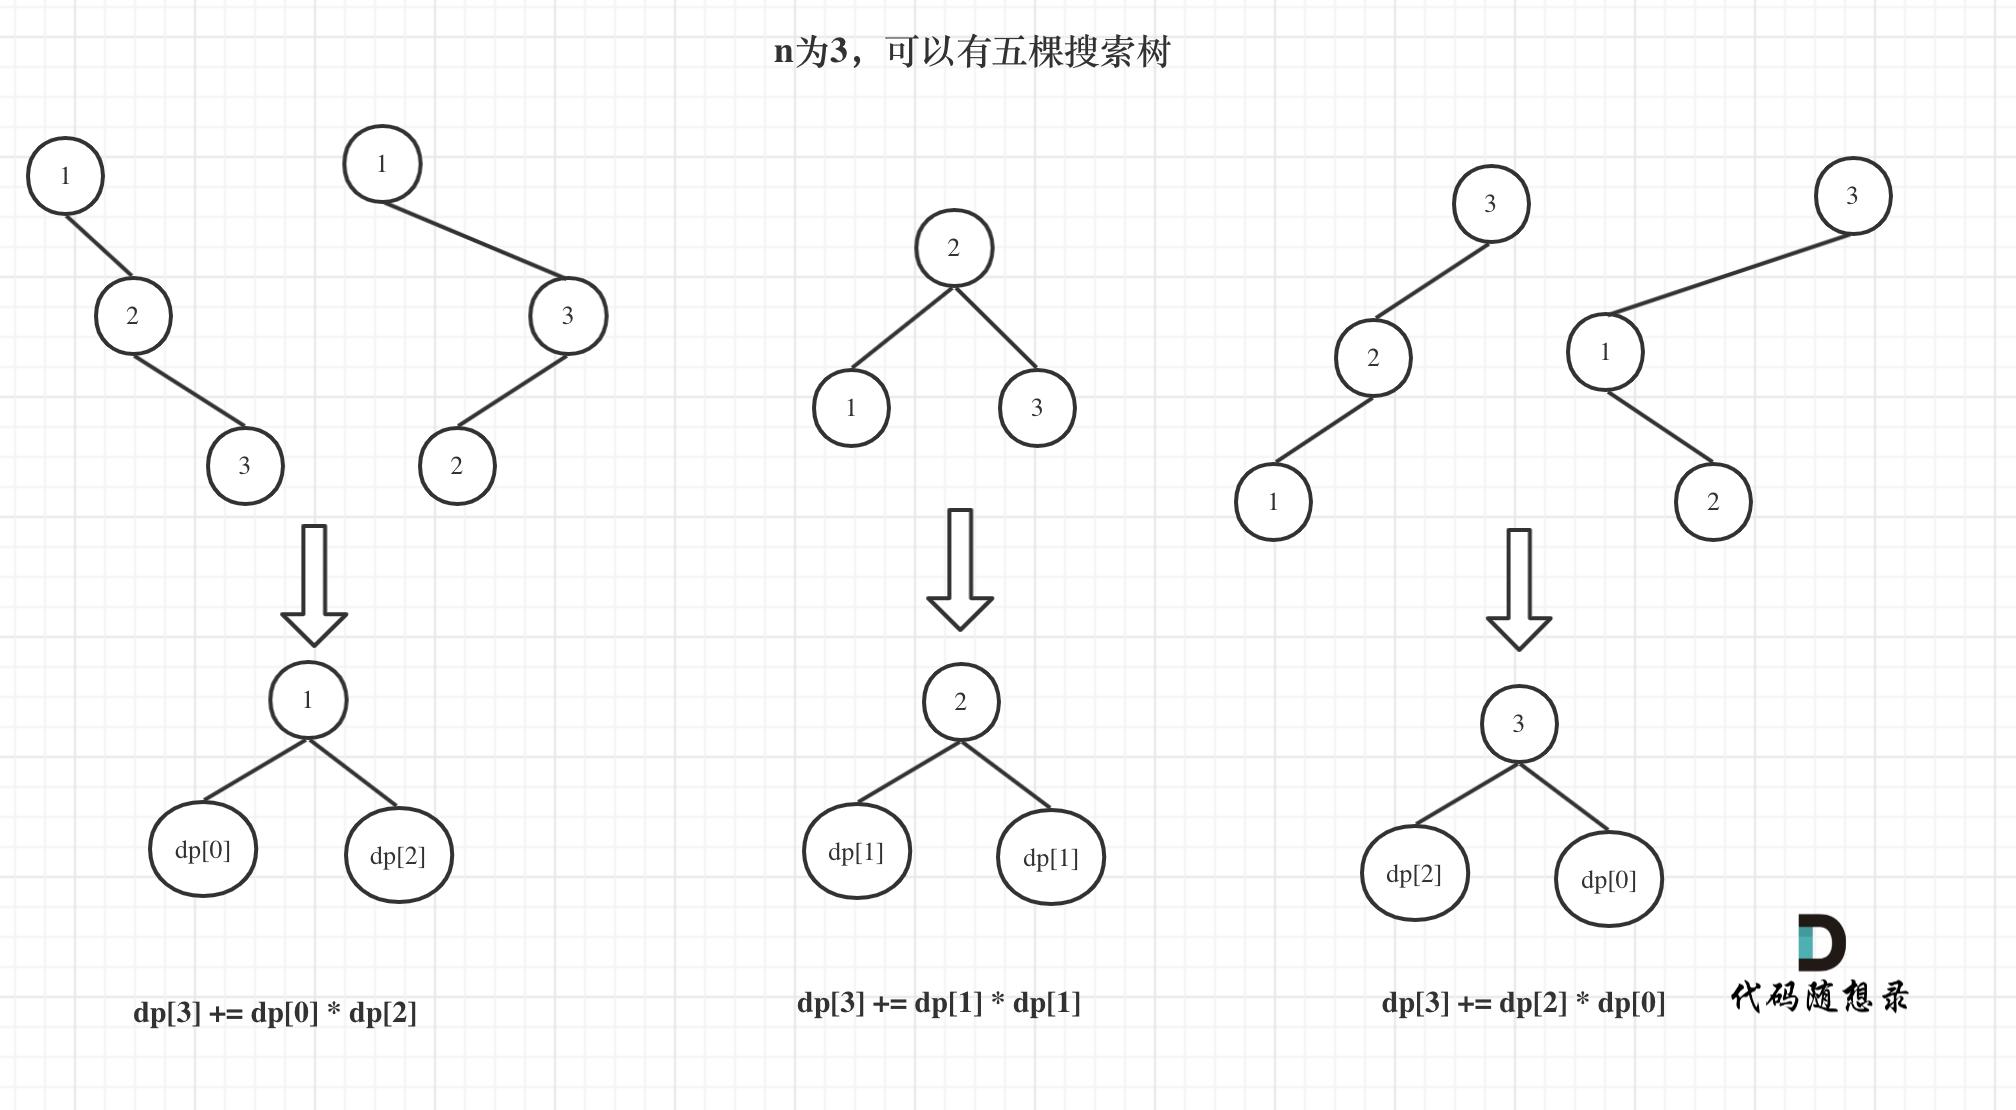 96.不同的二叉搜索树2